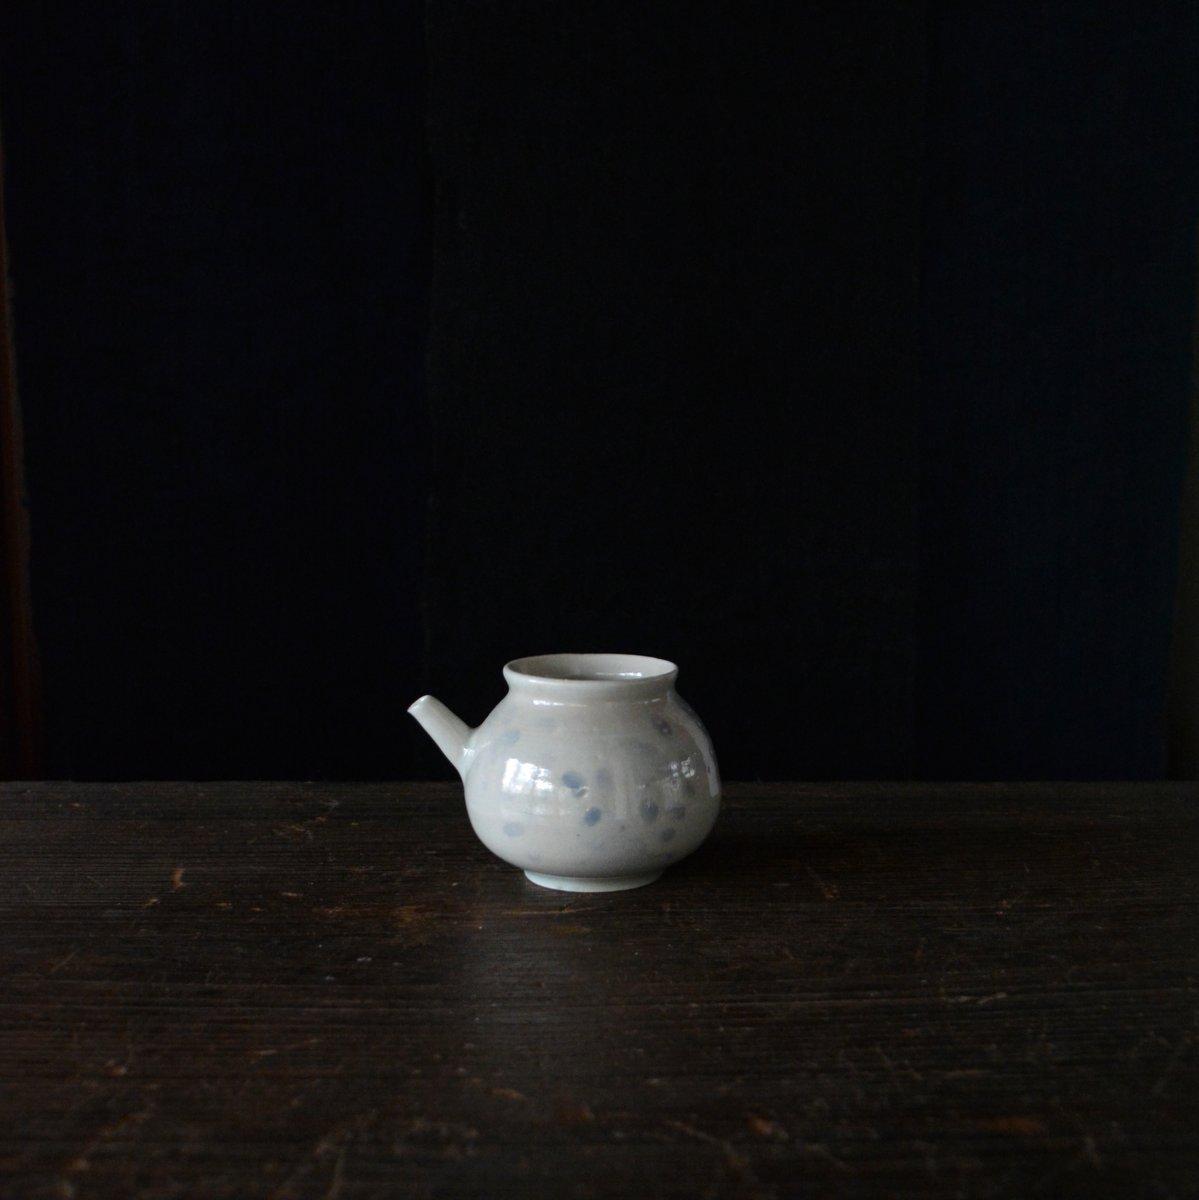 「山本亮平・ゆき 展 白瓷考」 4/7(土)より_d0087761_184173.jpg